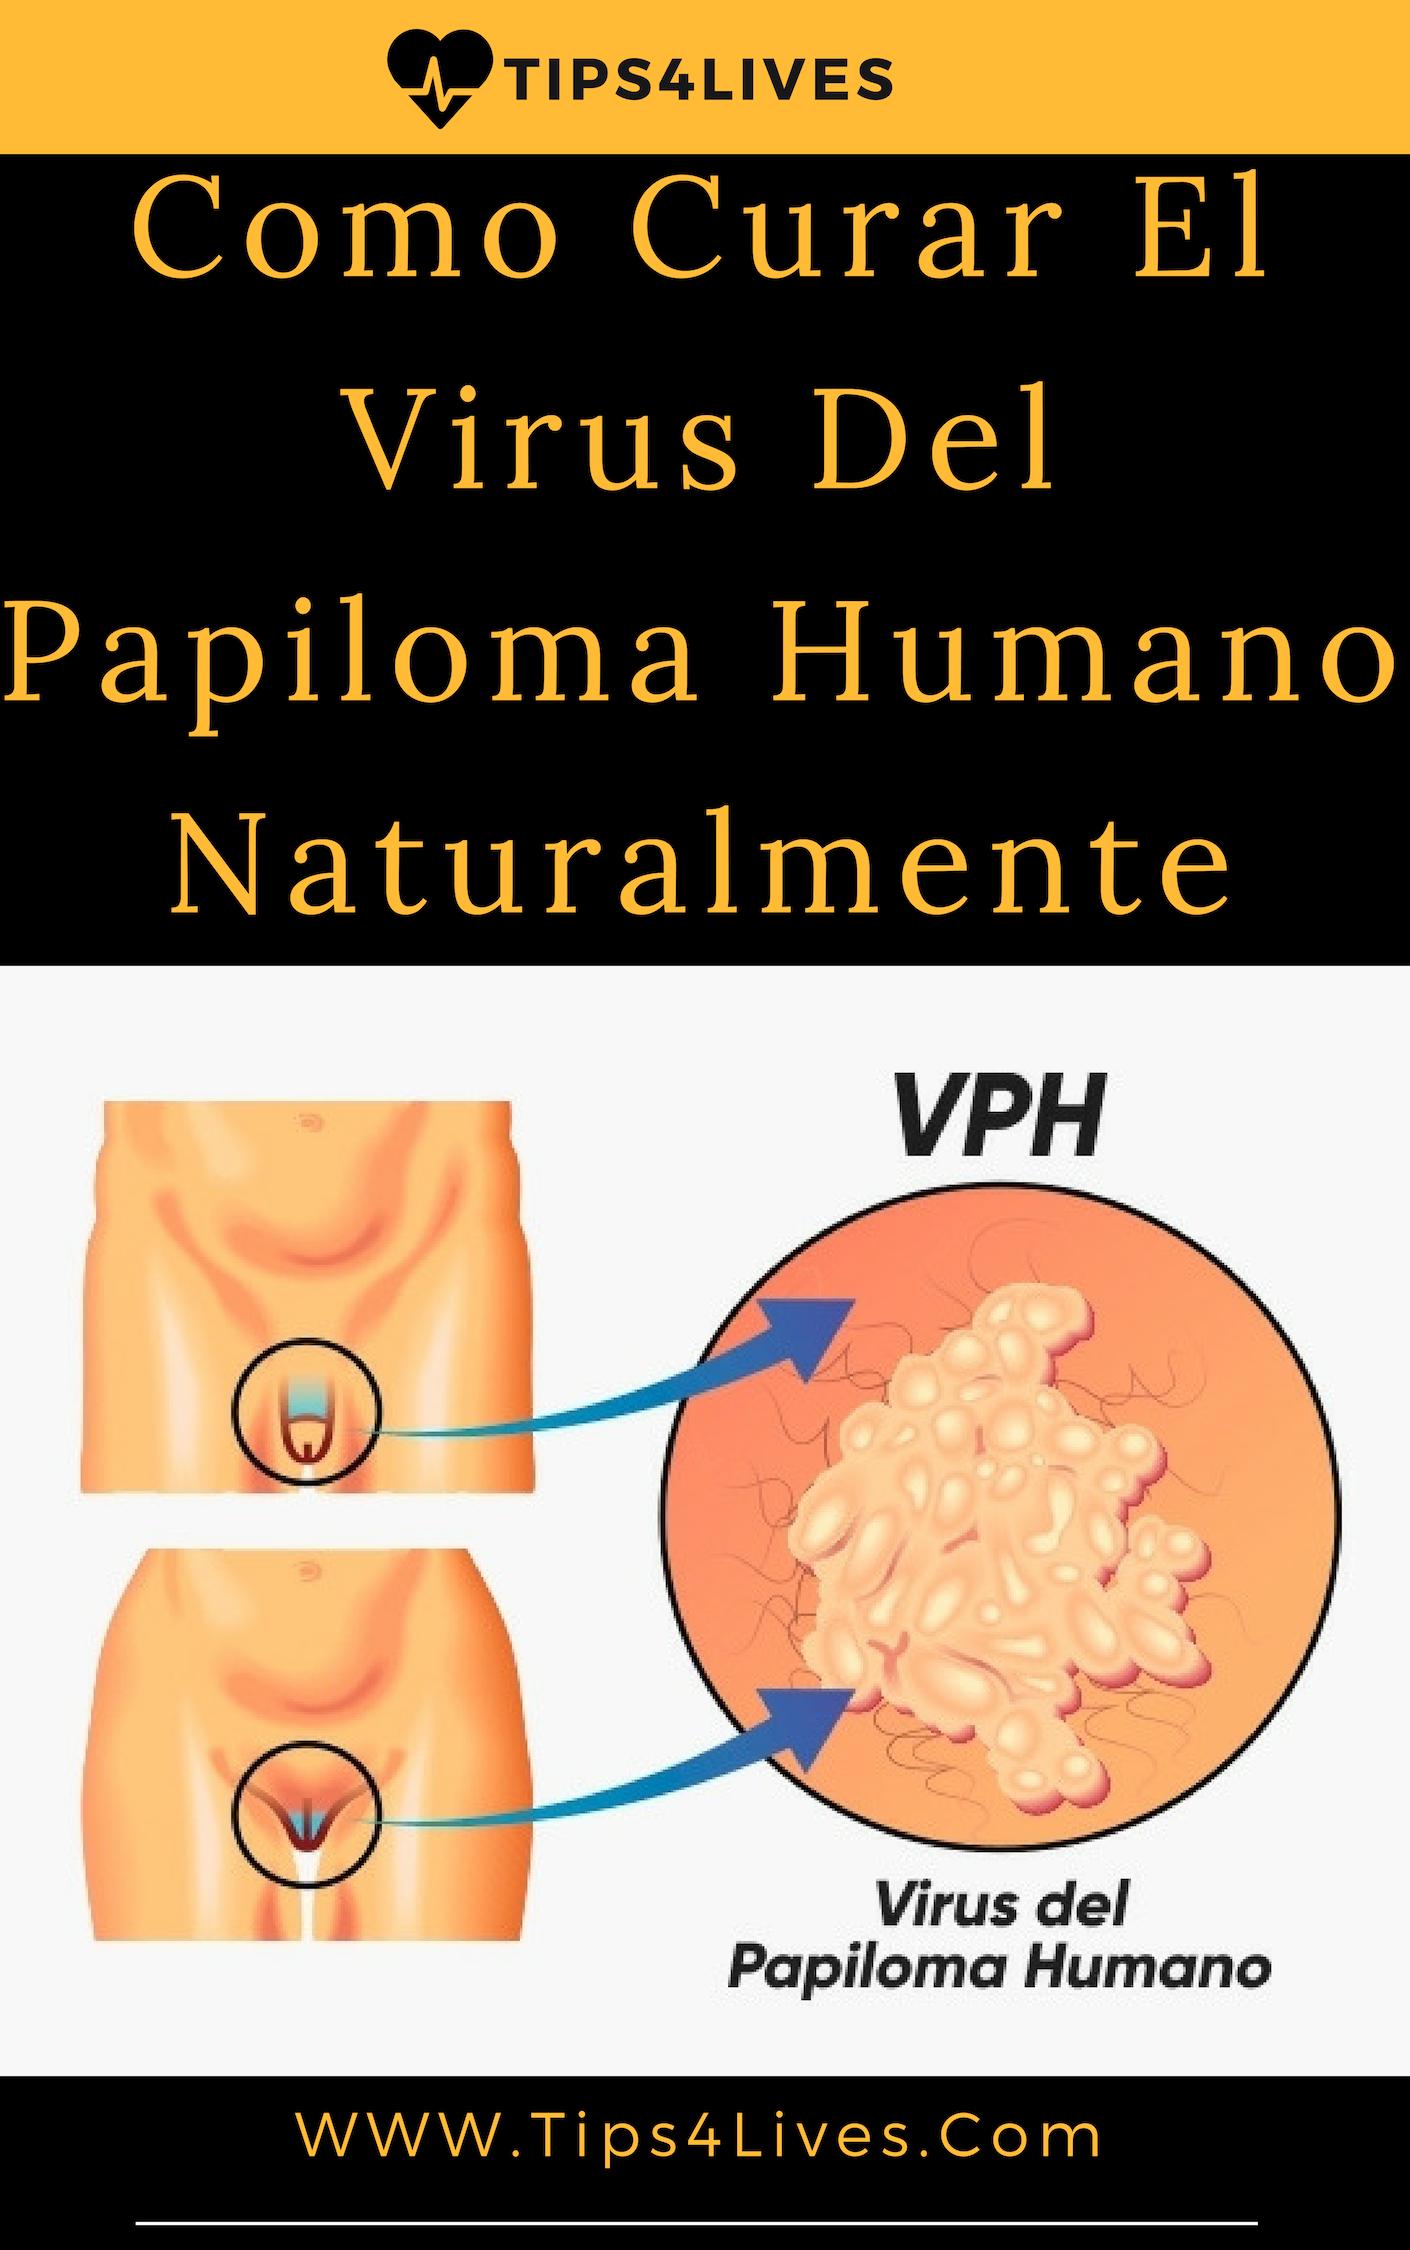 hpv en mujeres tratamiento veruci genitale criofarmice